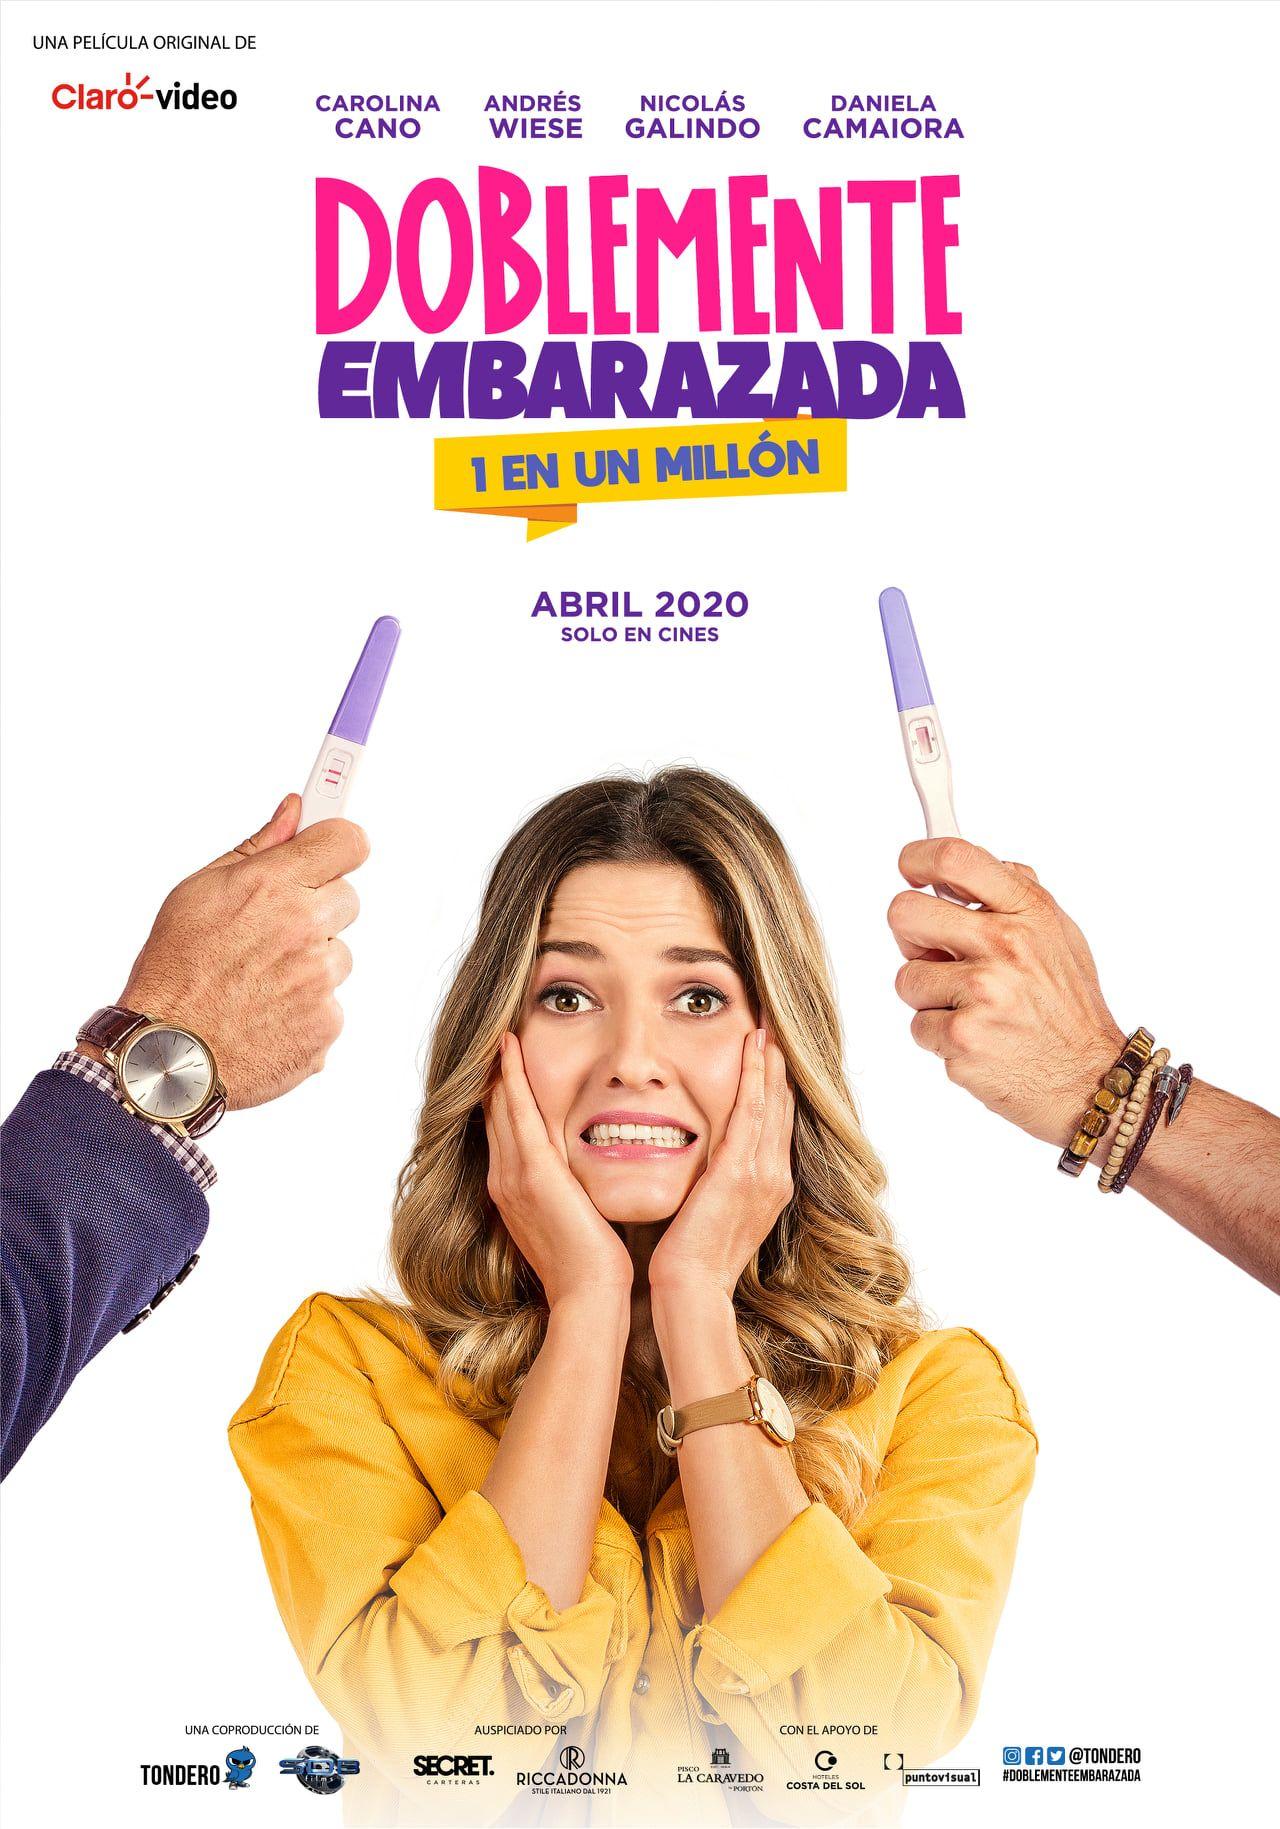 Doblemente Embarazada Trailer Oficial Poster Solo En Cines Noticias De Cine Trailer Oficial